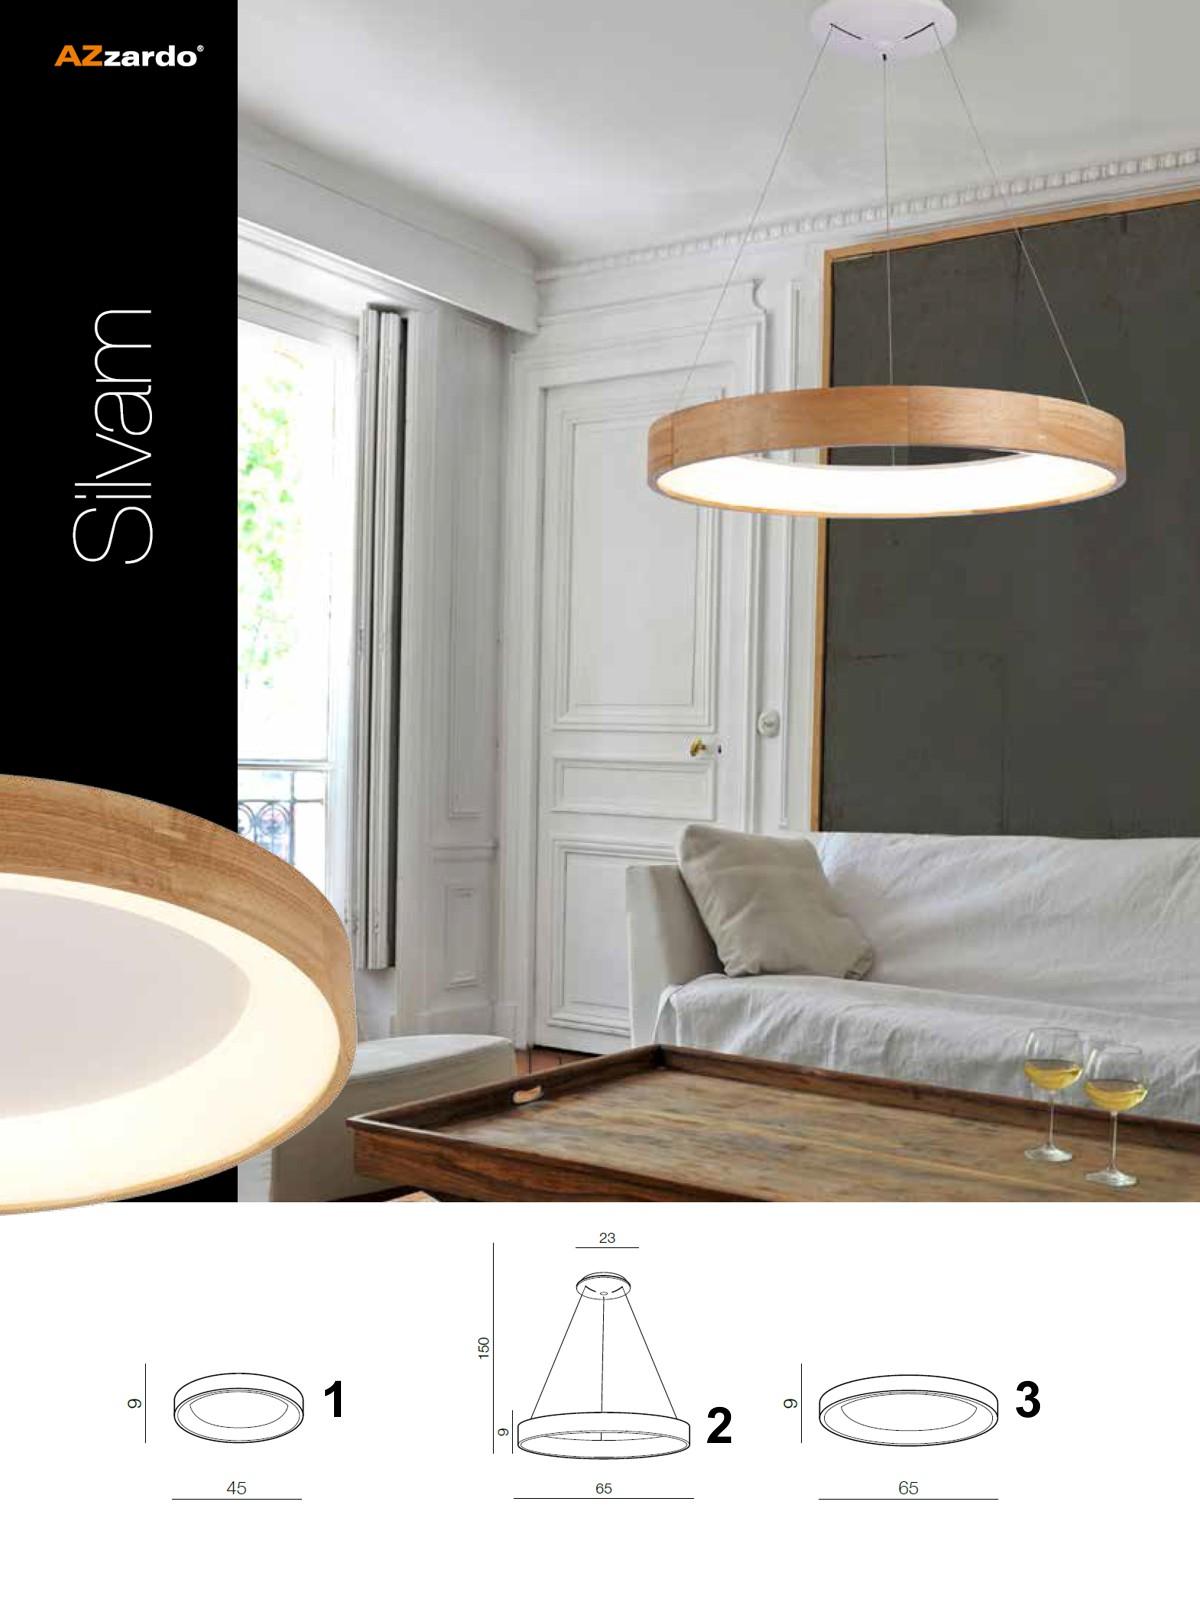 Full Size of Designer Lampen Esstisch Badezimmer Deckenlampen Für Wohnzimmer Moderne Esstische Küche Modernes Bett Sofa Stehlampen Deckenleuchte Wohnzimmer Moderne Lampen